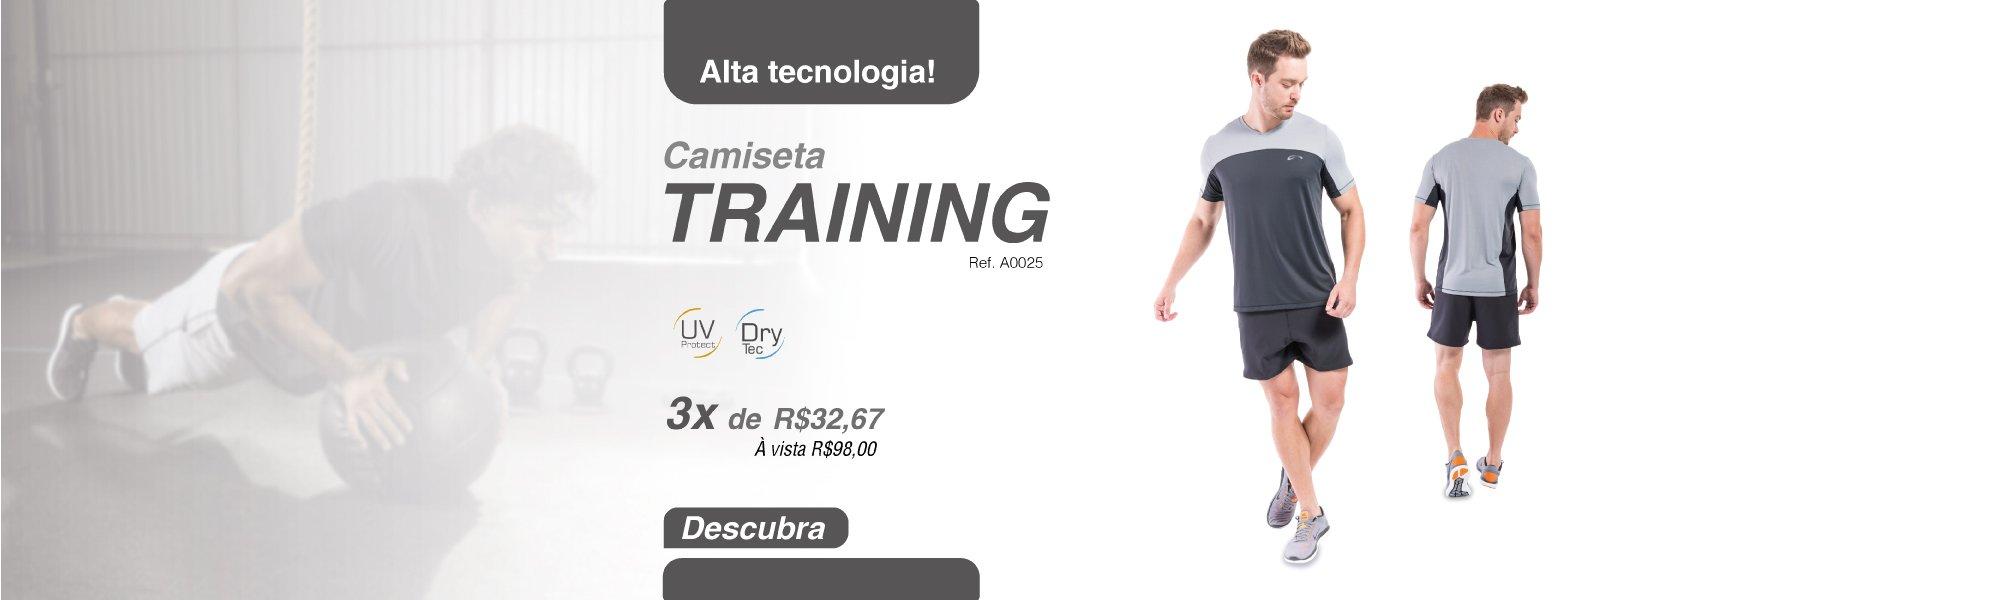 Camiseta - Training